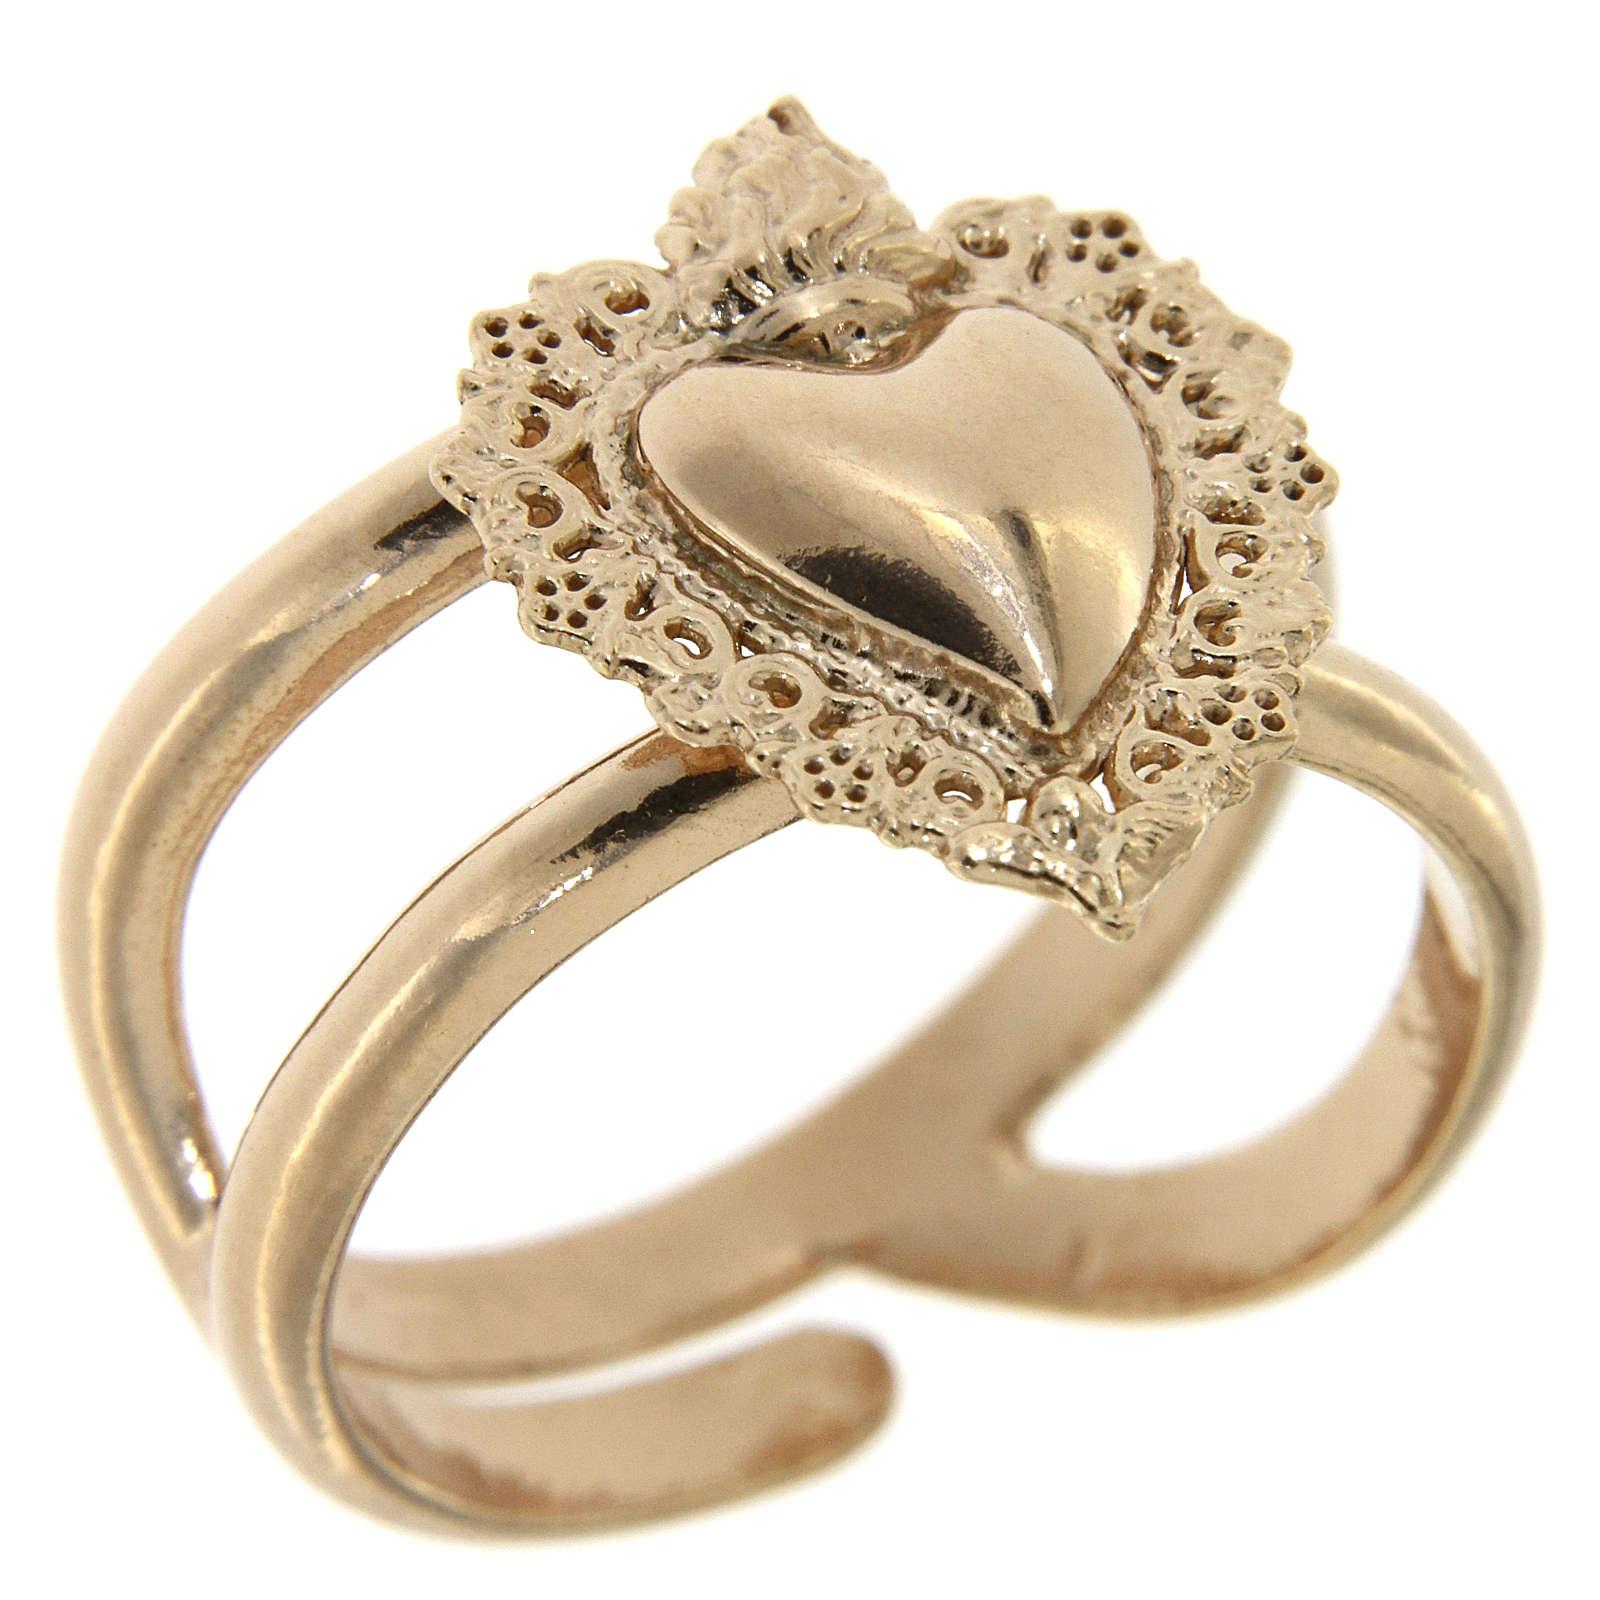 Pierścionek regulowany różowawy z sercem wotywnym ze srebra 925 3